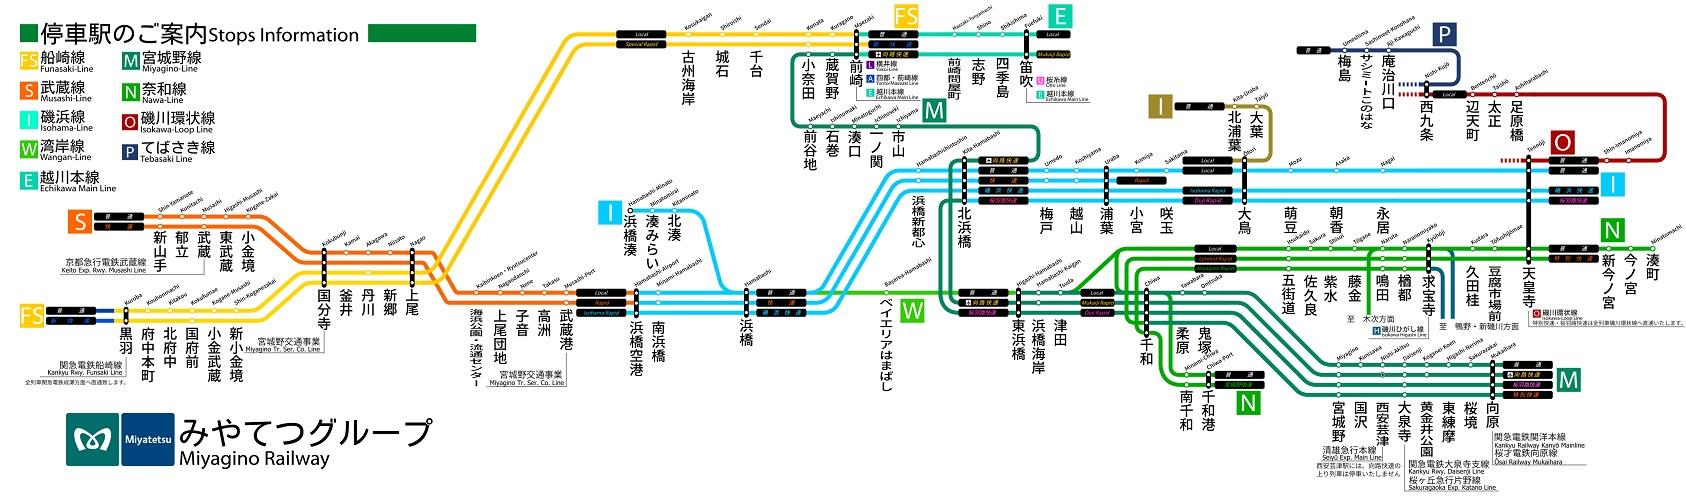 みやてつ 停車駅 A001 1_0.jpg